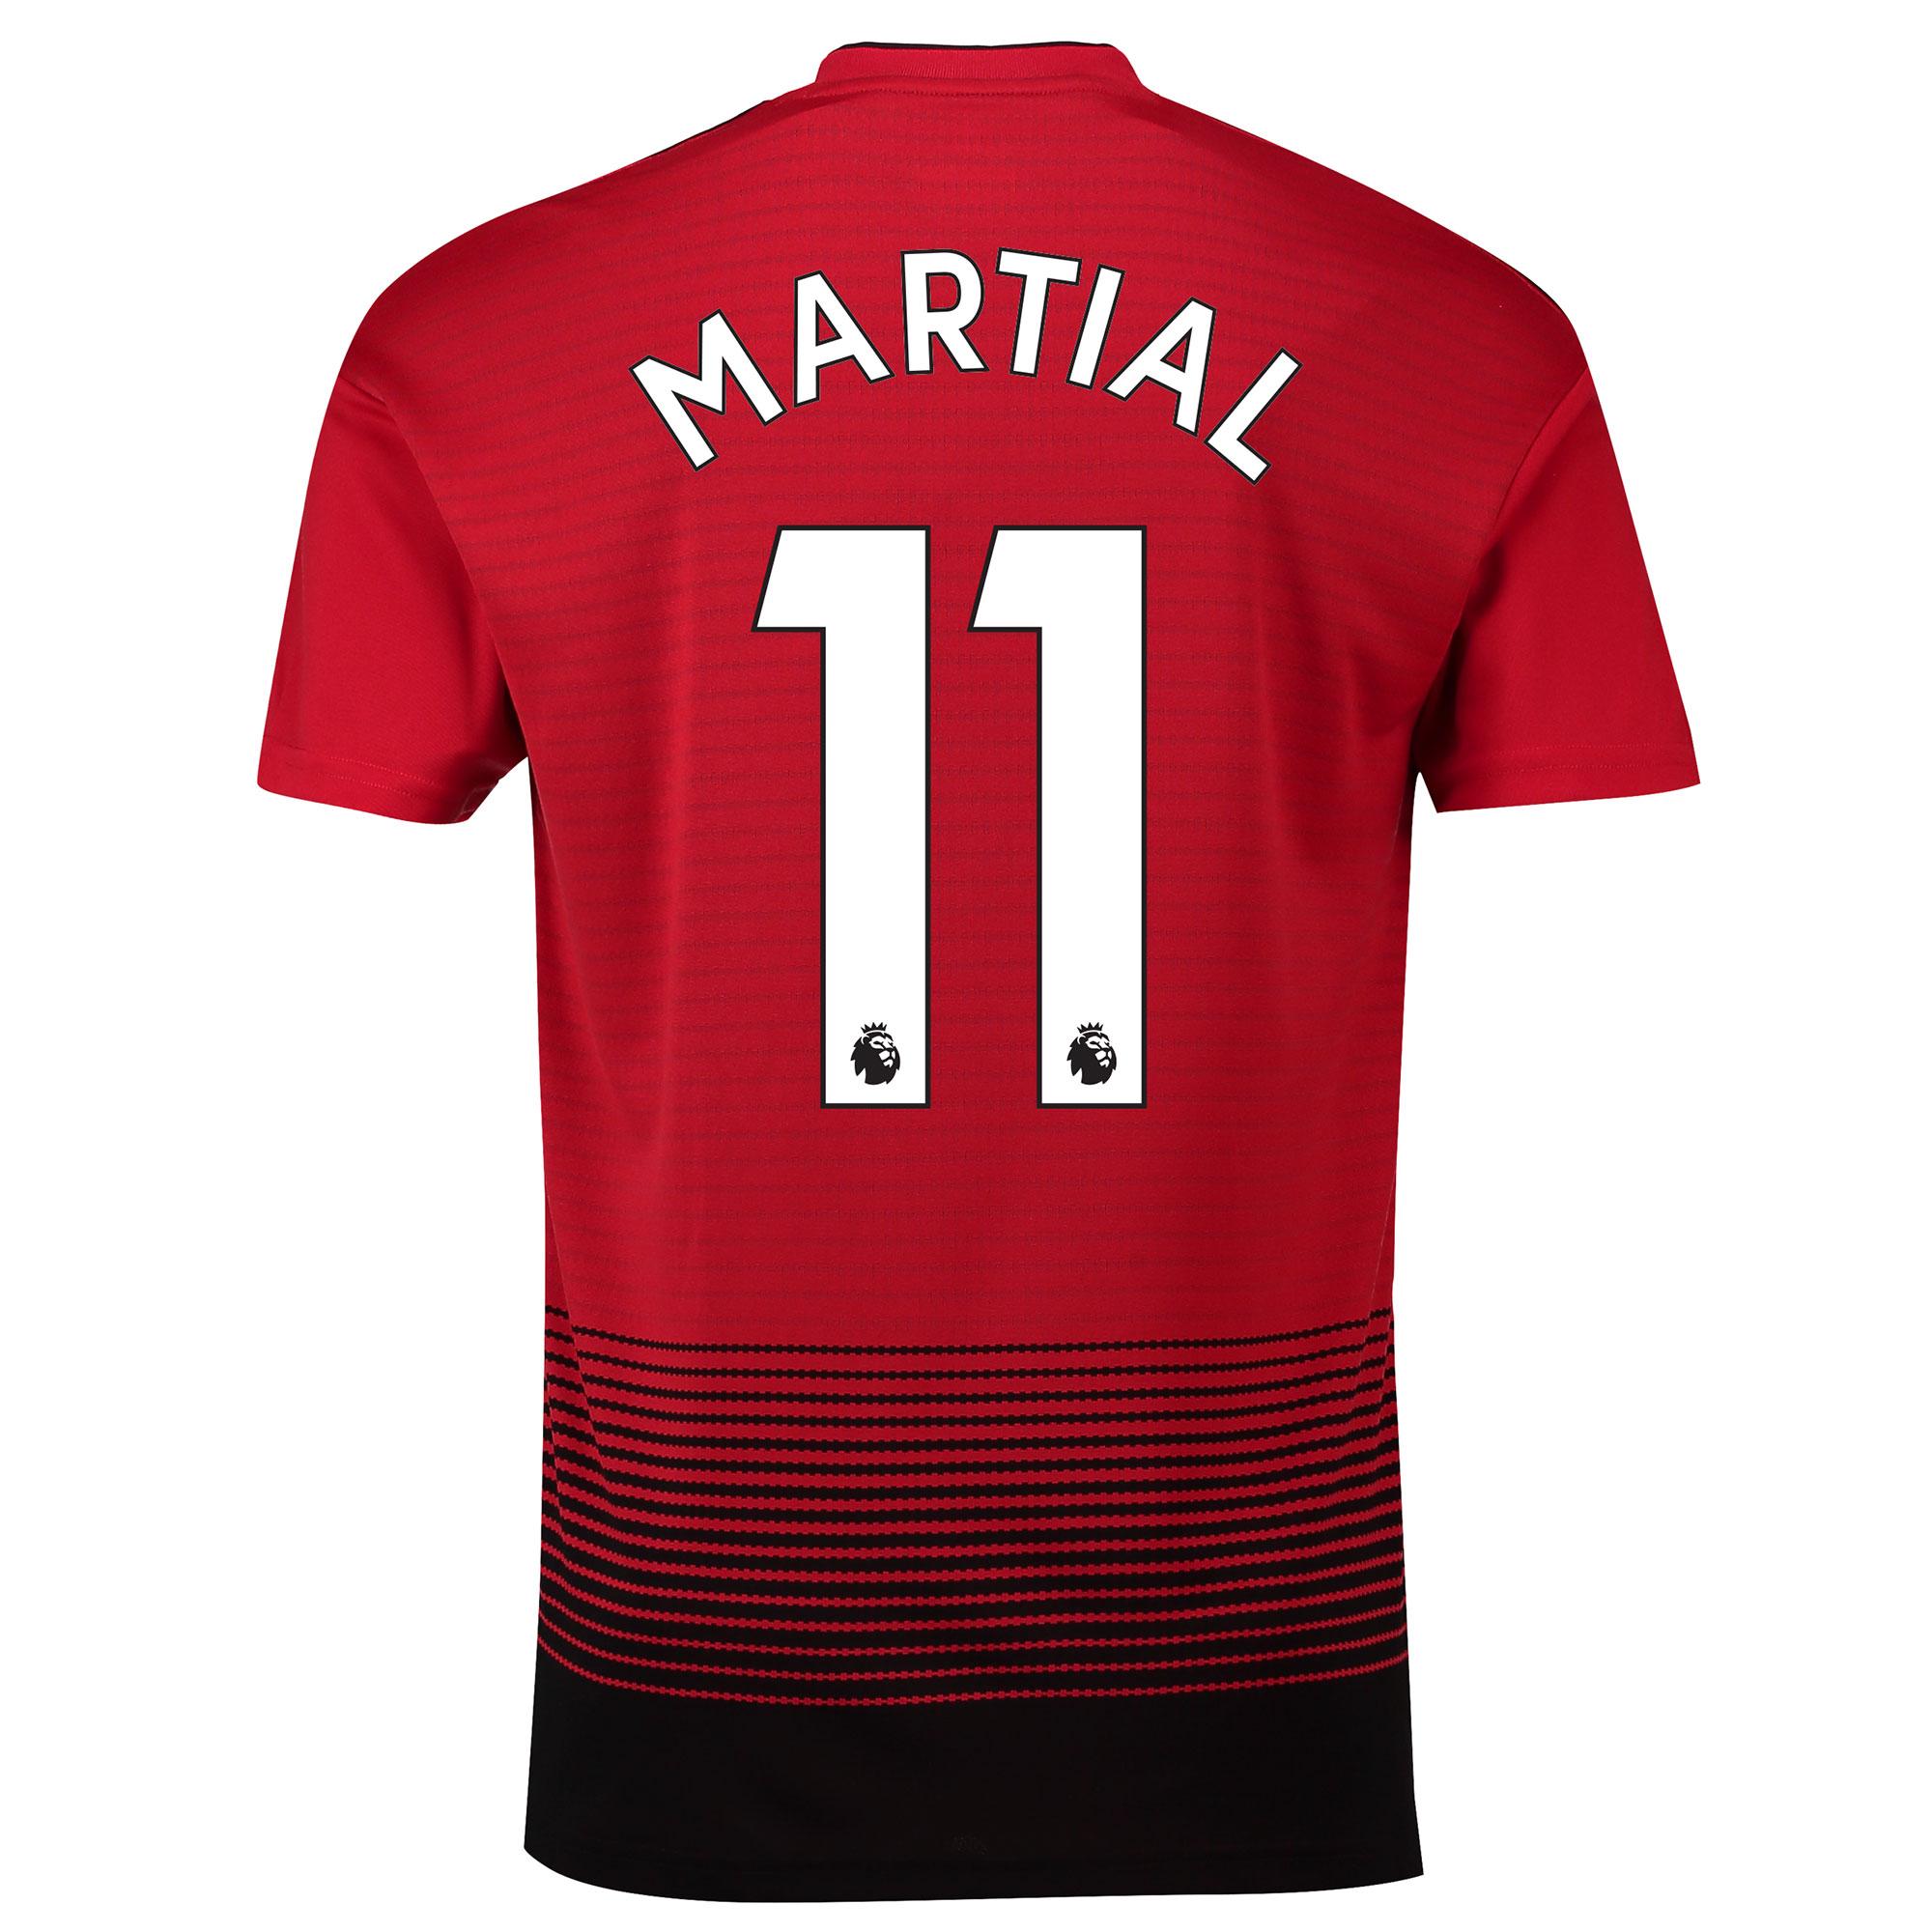 マンチェスター ユナイテッド ホーム シャツ 2018-19 - Martial 11